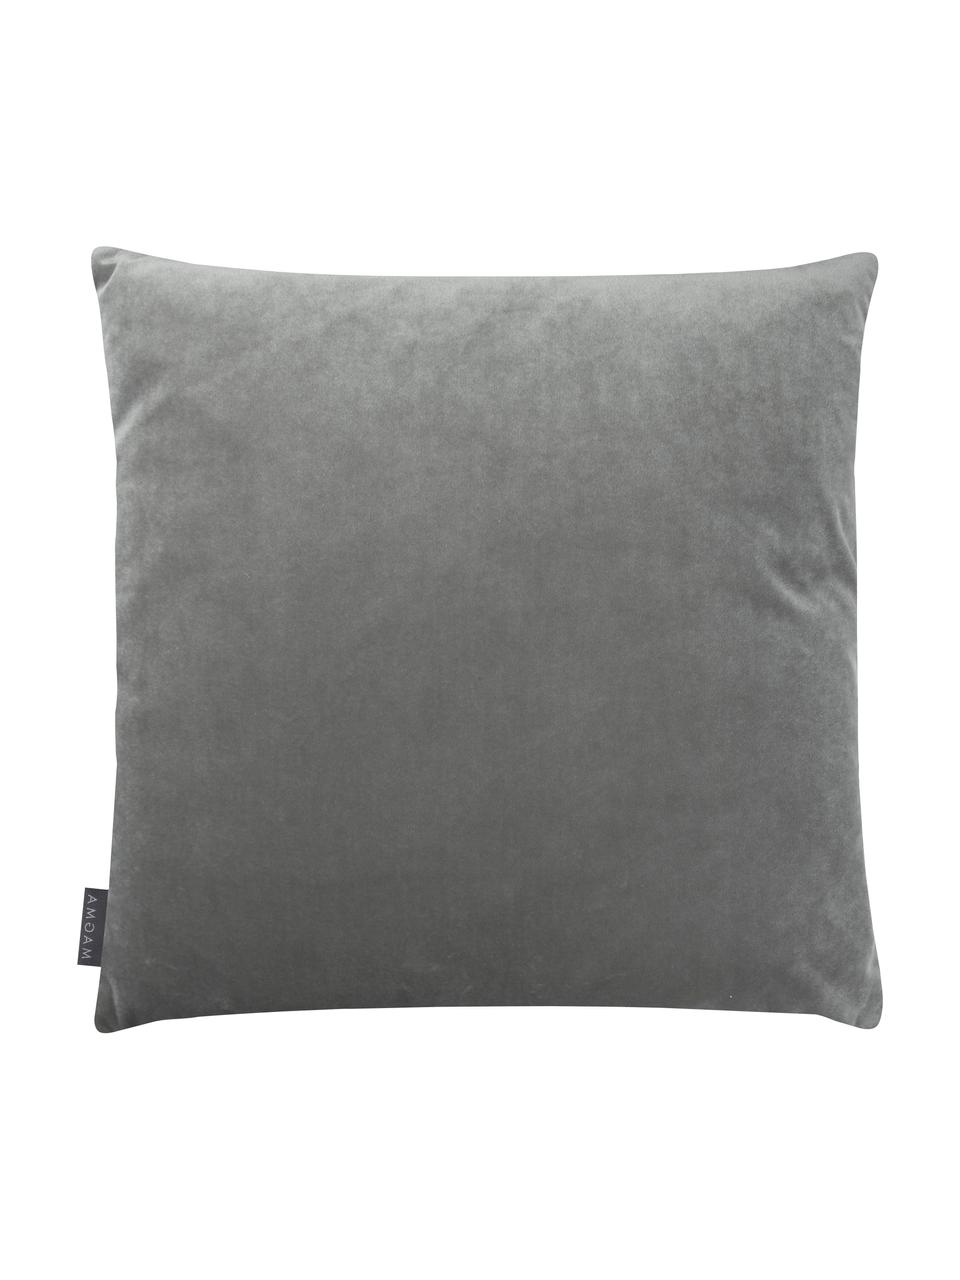 Poszewka na poduszkę z aksamitu Nobless, 100% aksamit poliestrowy, Szary, S 40 x D 40 cm